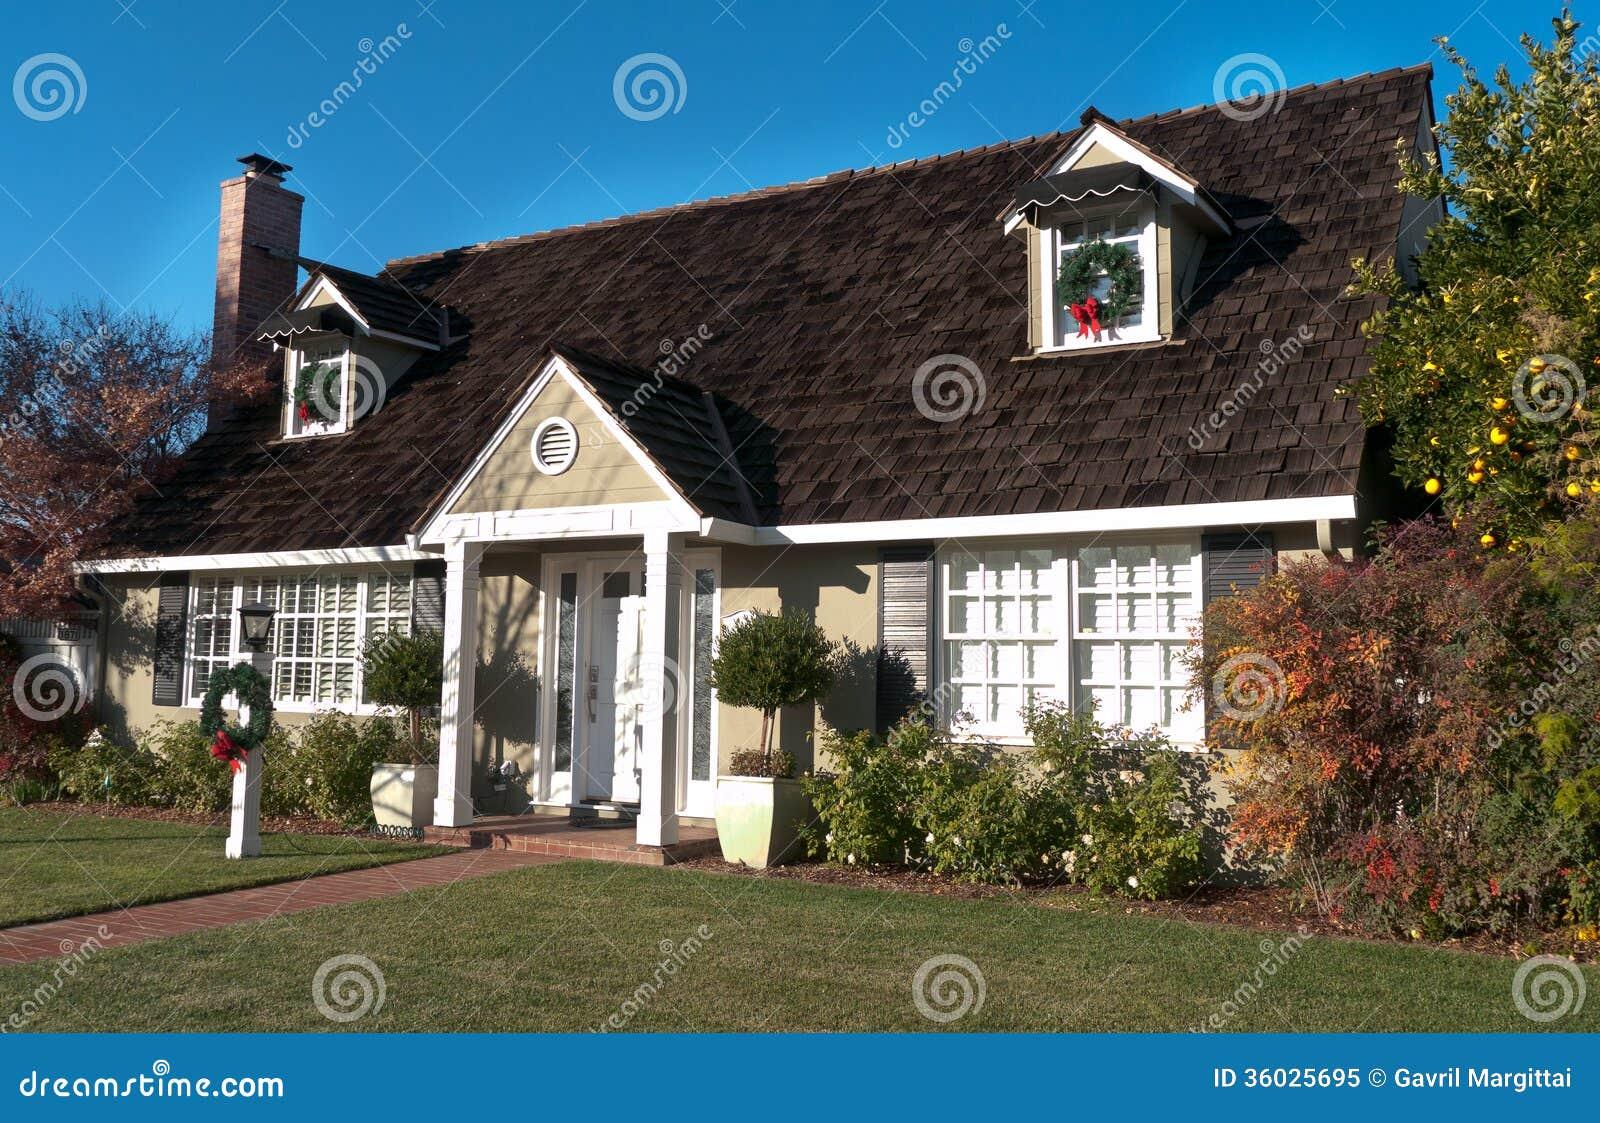 Huis met houten dak en twee zoldervensters